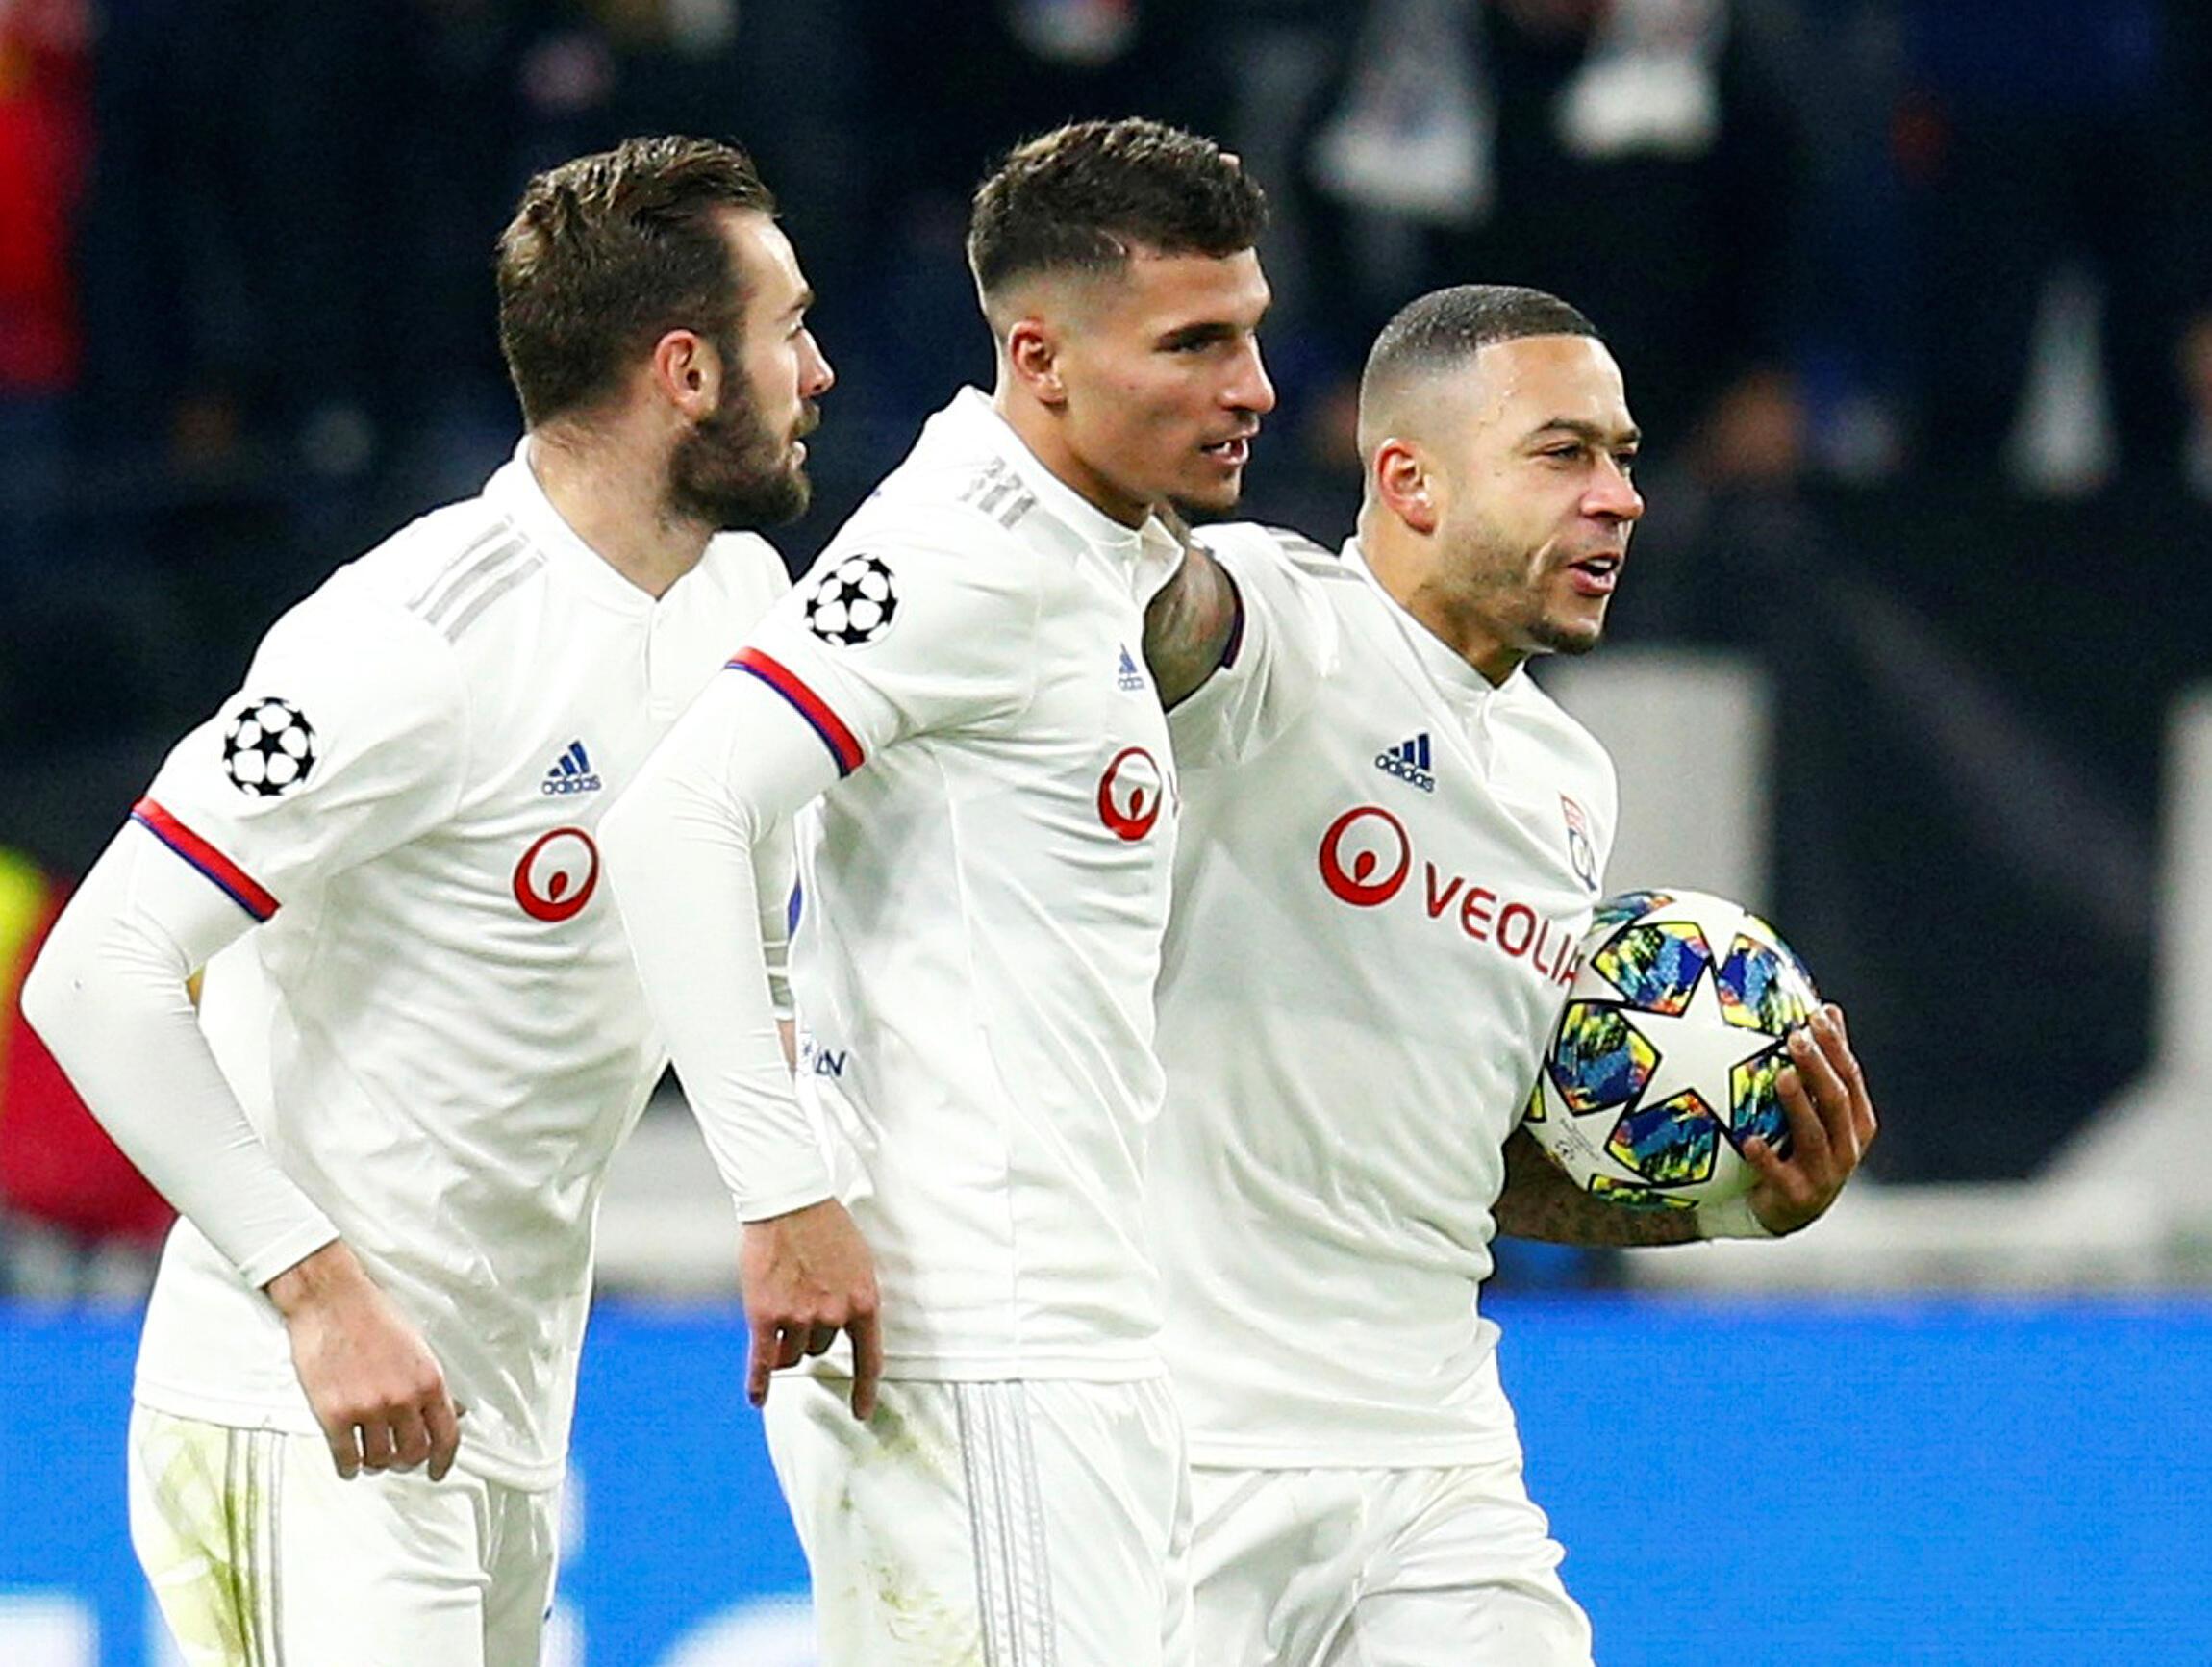 Lucas Tousart, Houssem Aouar et Memphis Depay, joueurs de l'OL, sont qualifiés pour les huitièmes de finale de la Ligue des champions.